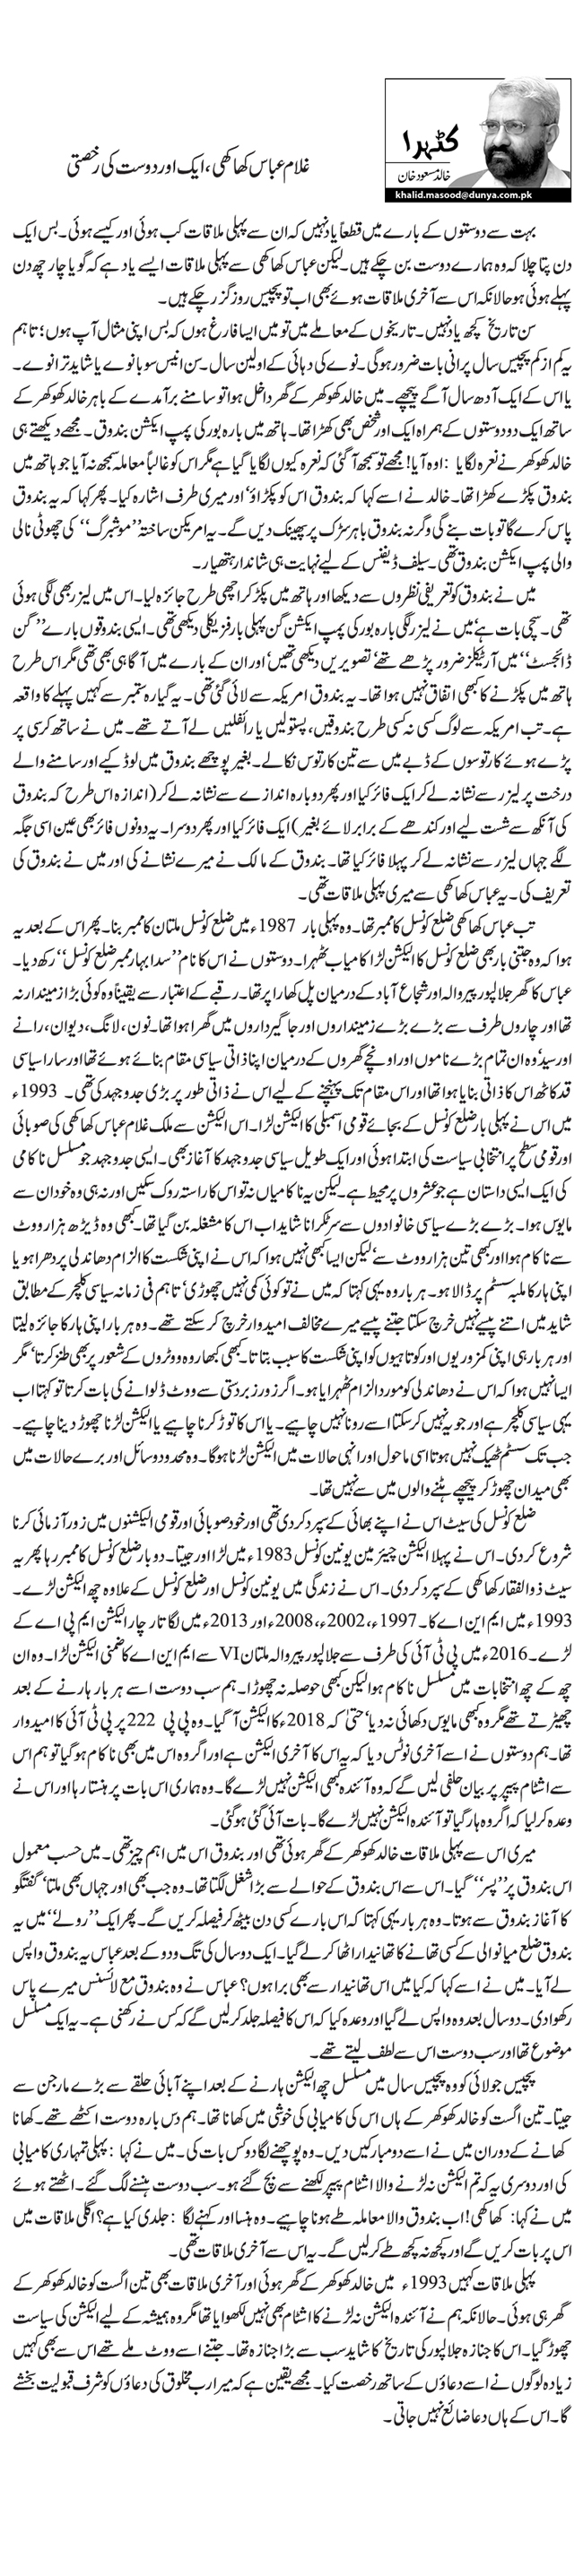 غلام عباس کھاکھی، ایک اور دوست کی رخصتی